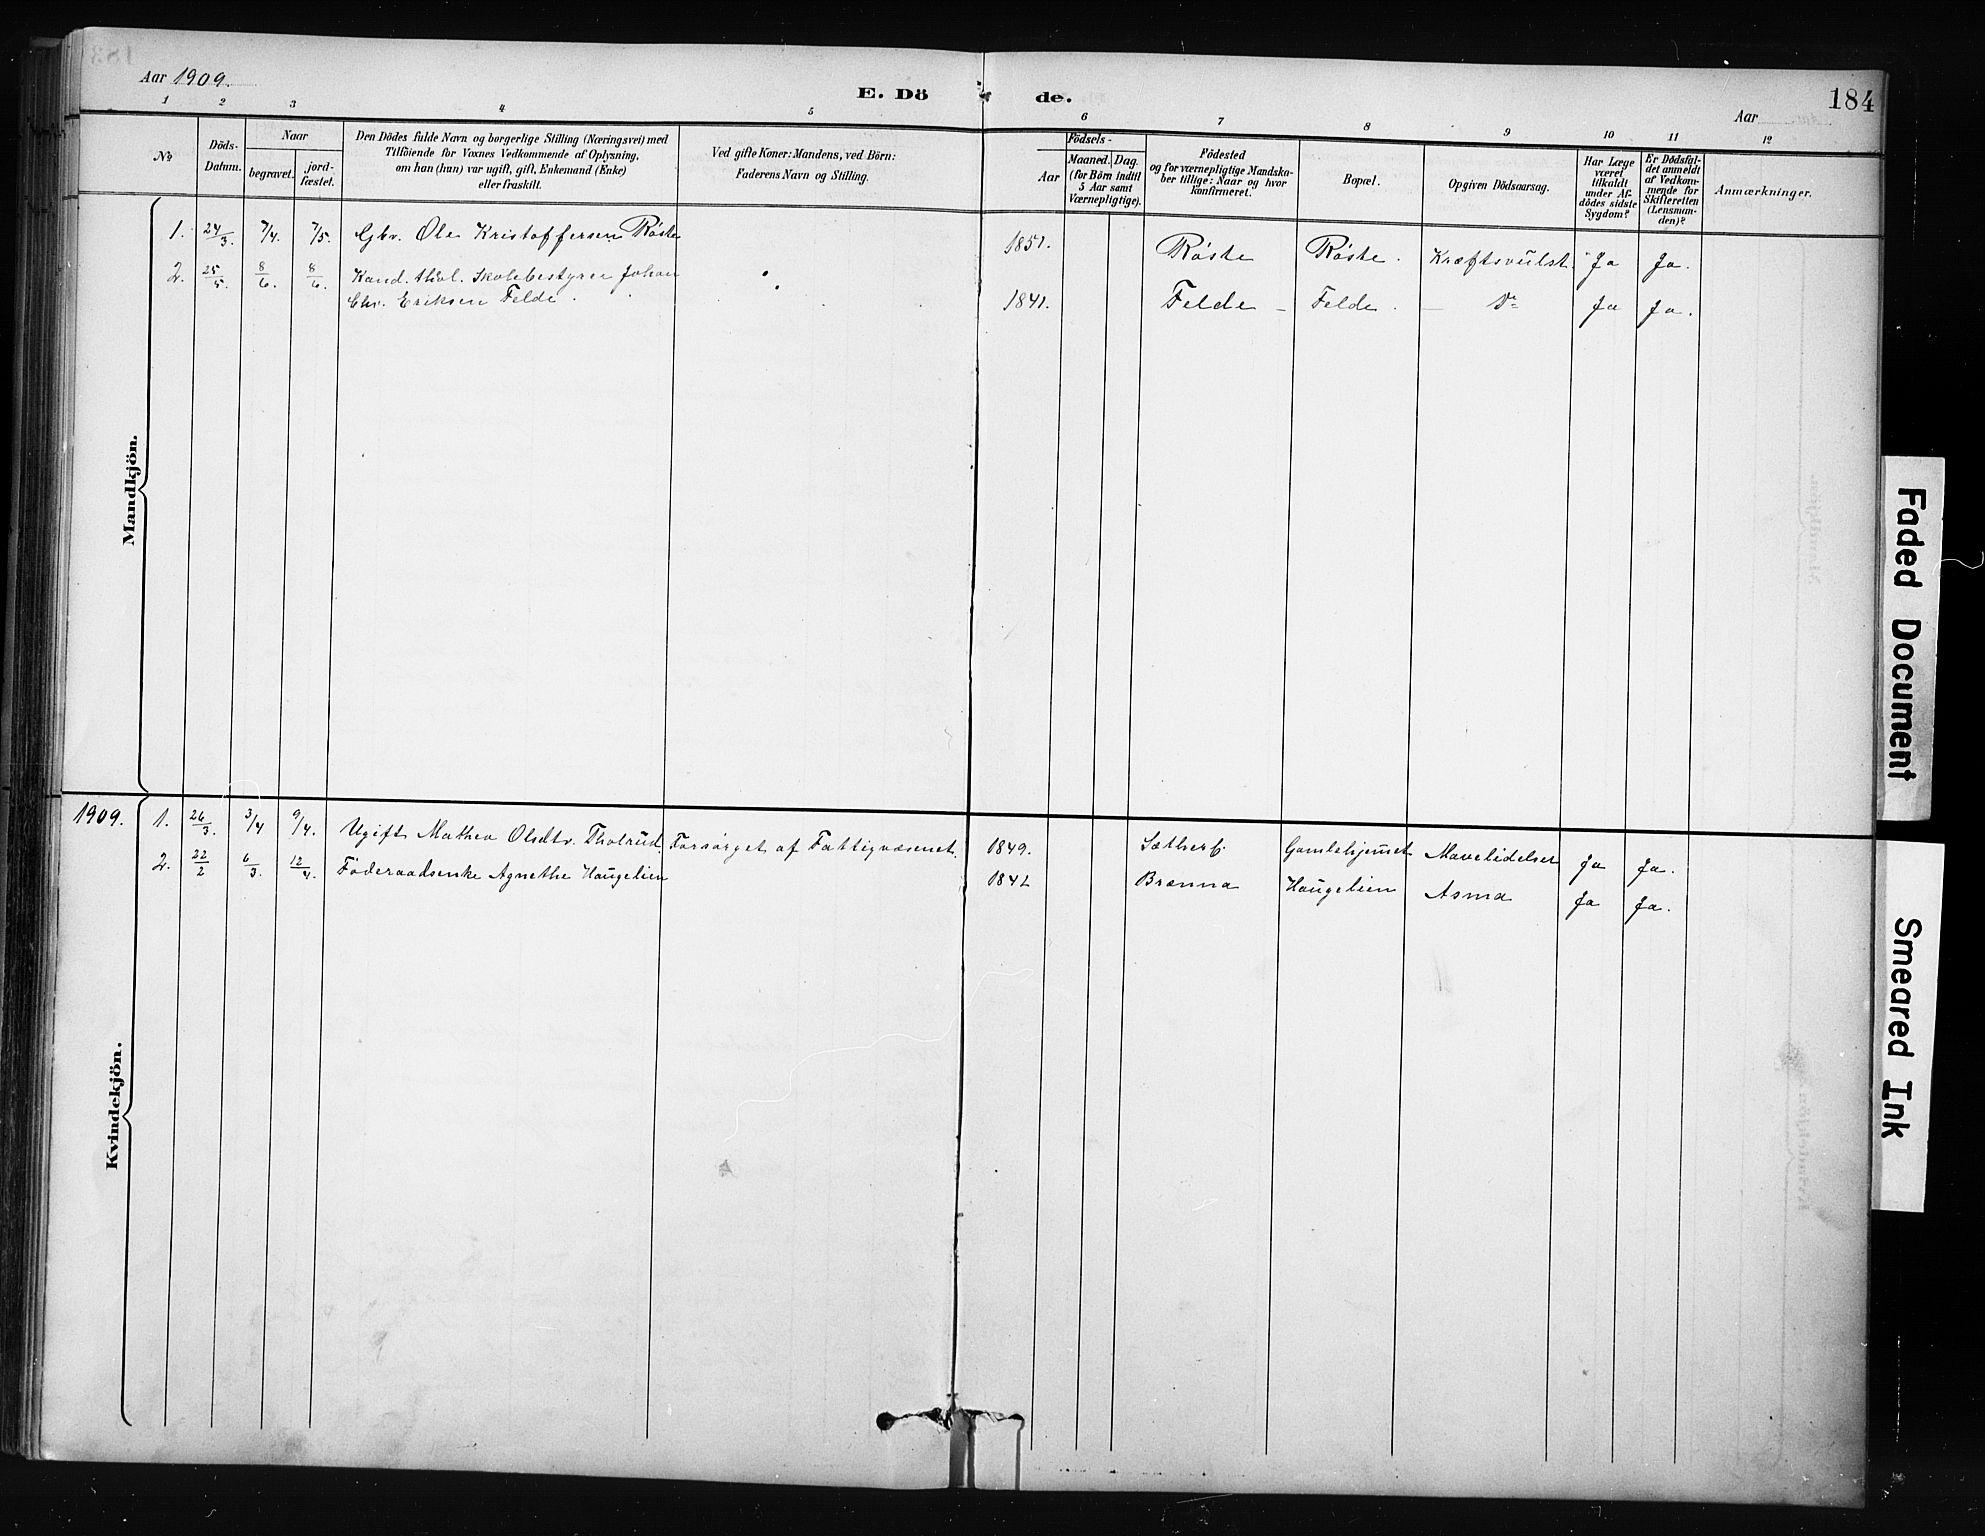 SAH, Nordre Land prestekontor, Klokkerbok nr. 12, 1891-1909, s. 184